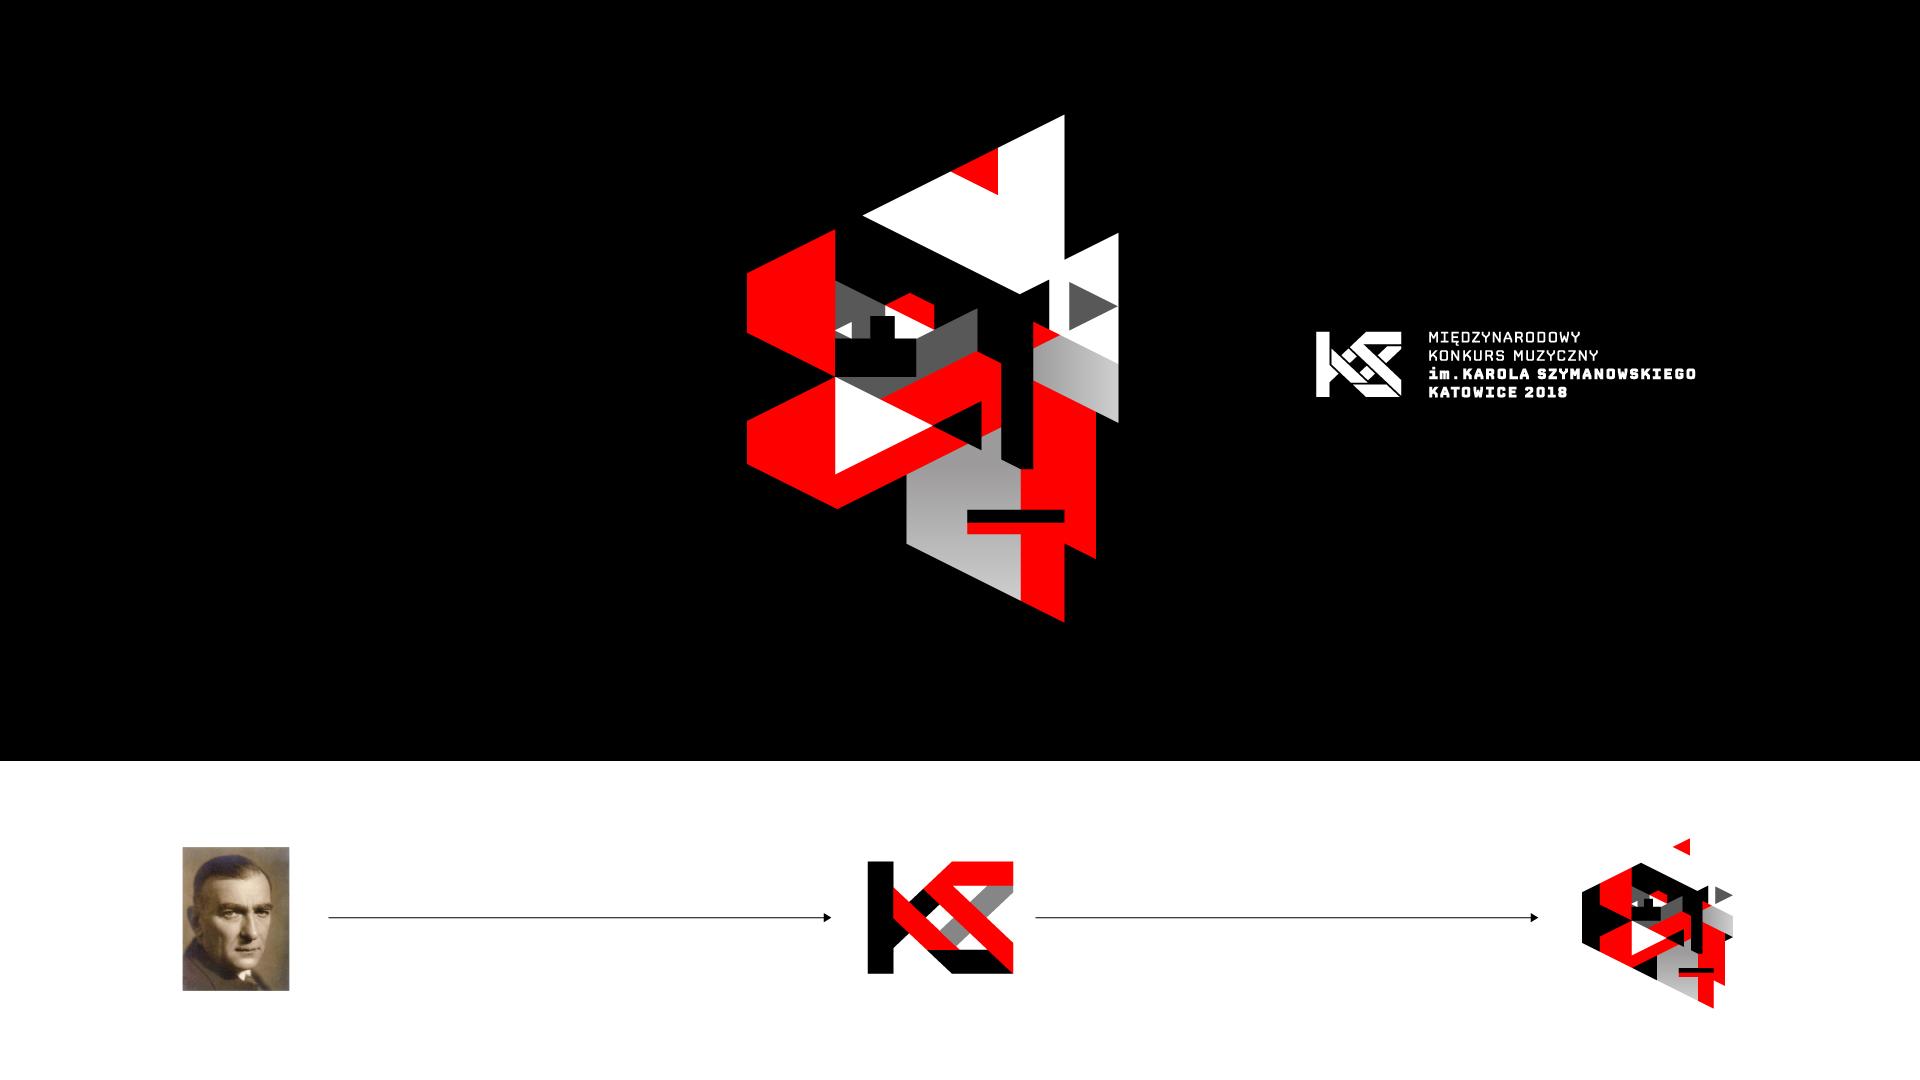 Karol Szymanowski International Music Competition by Wojciech Janicki - Creative Work - $i